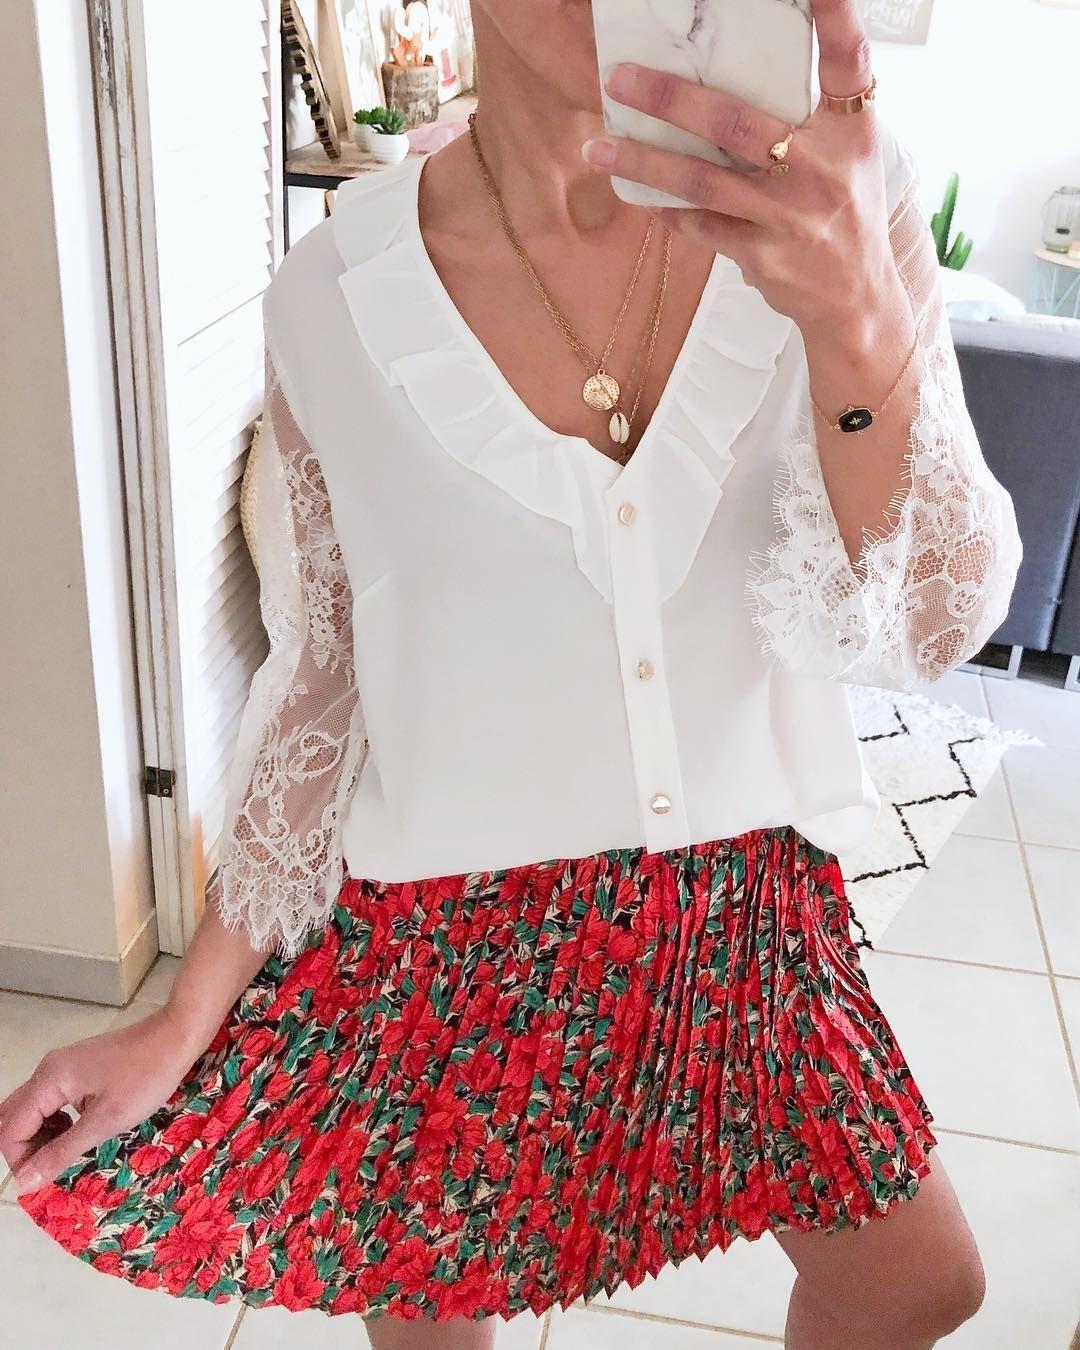 Jolie Jupette Qui Tourne Et Virevolte Beau Dimanche Jupe Cindy Blouse Flora In 2020 Fashion Outfits Fashion Flower Skirt